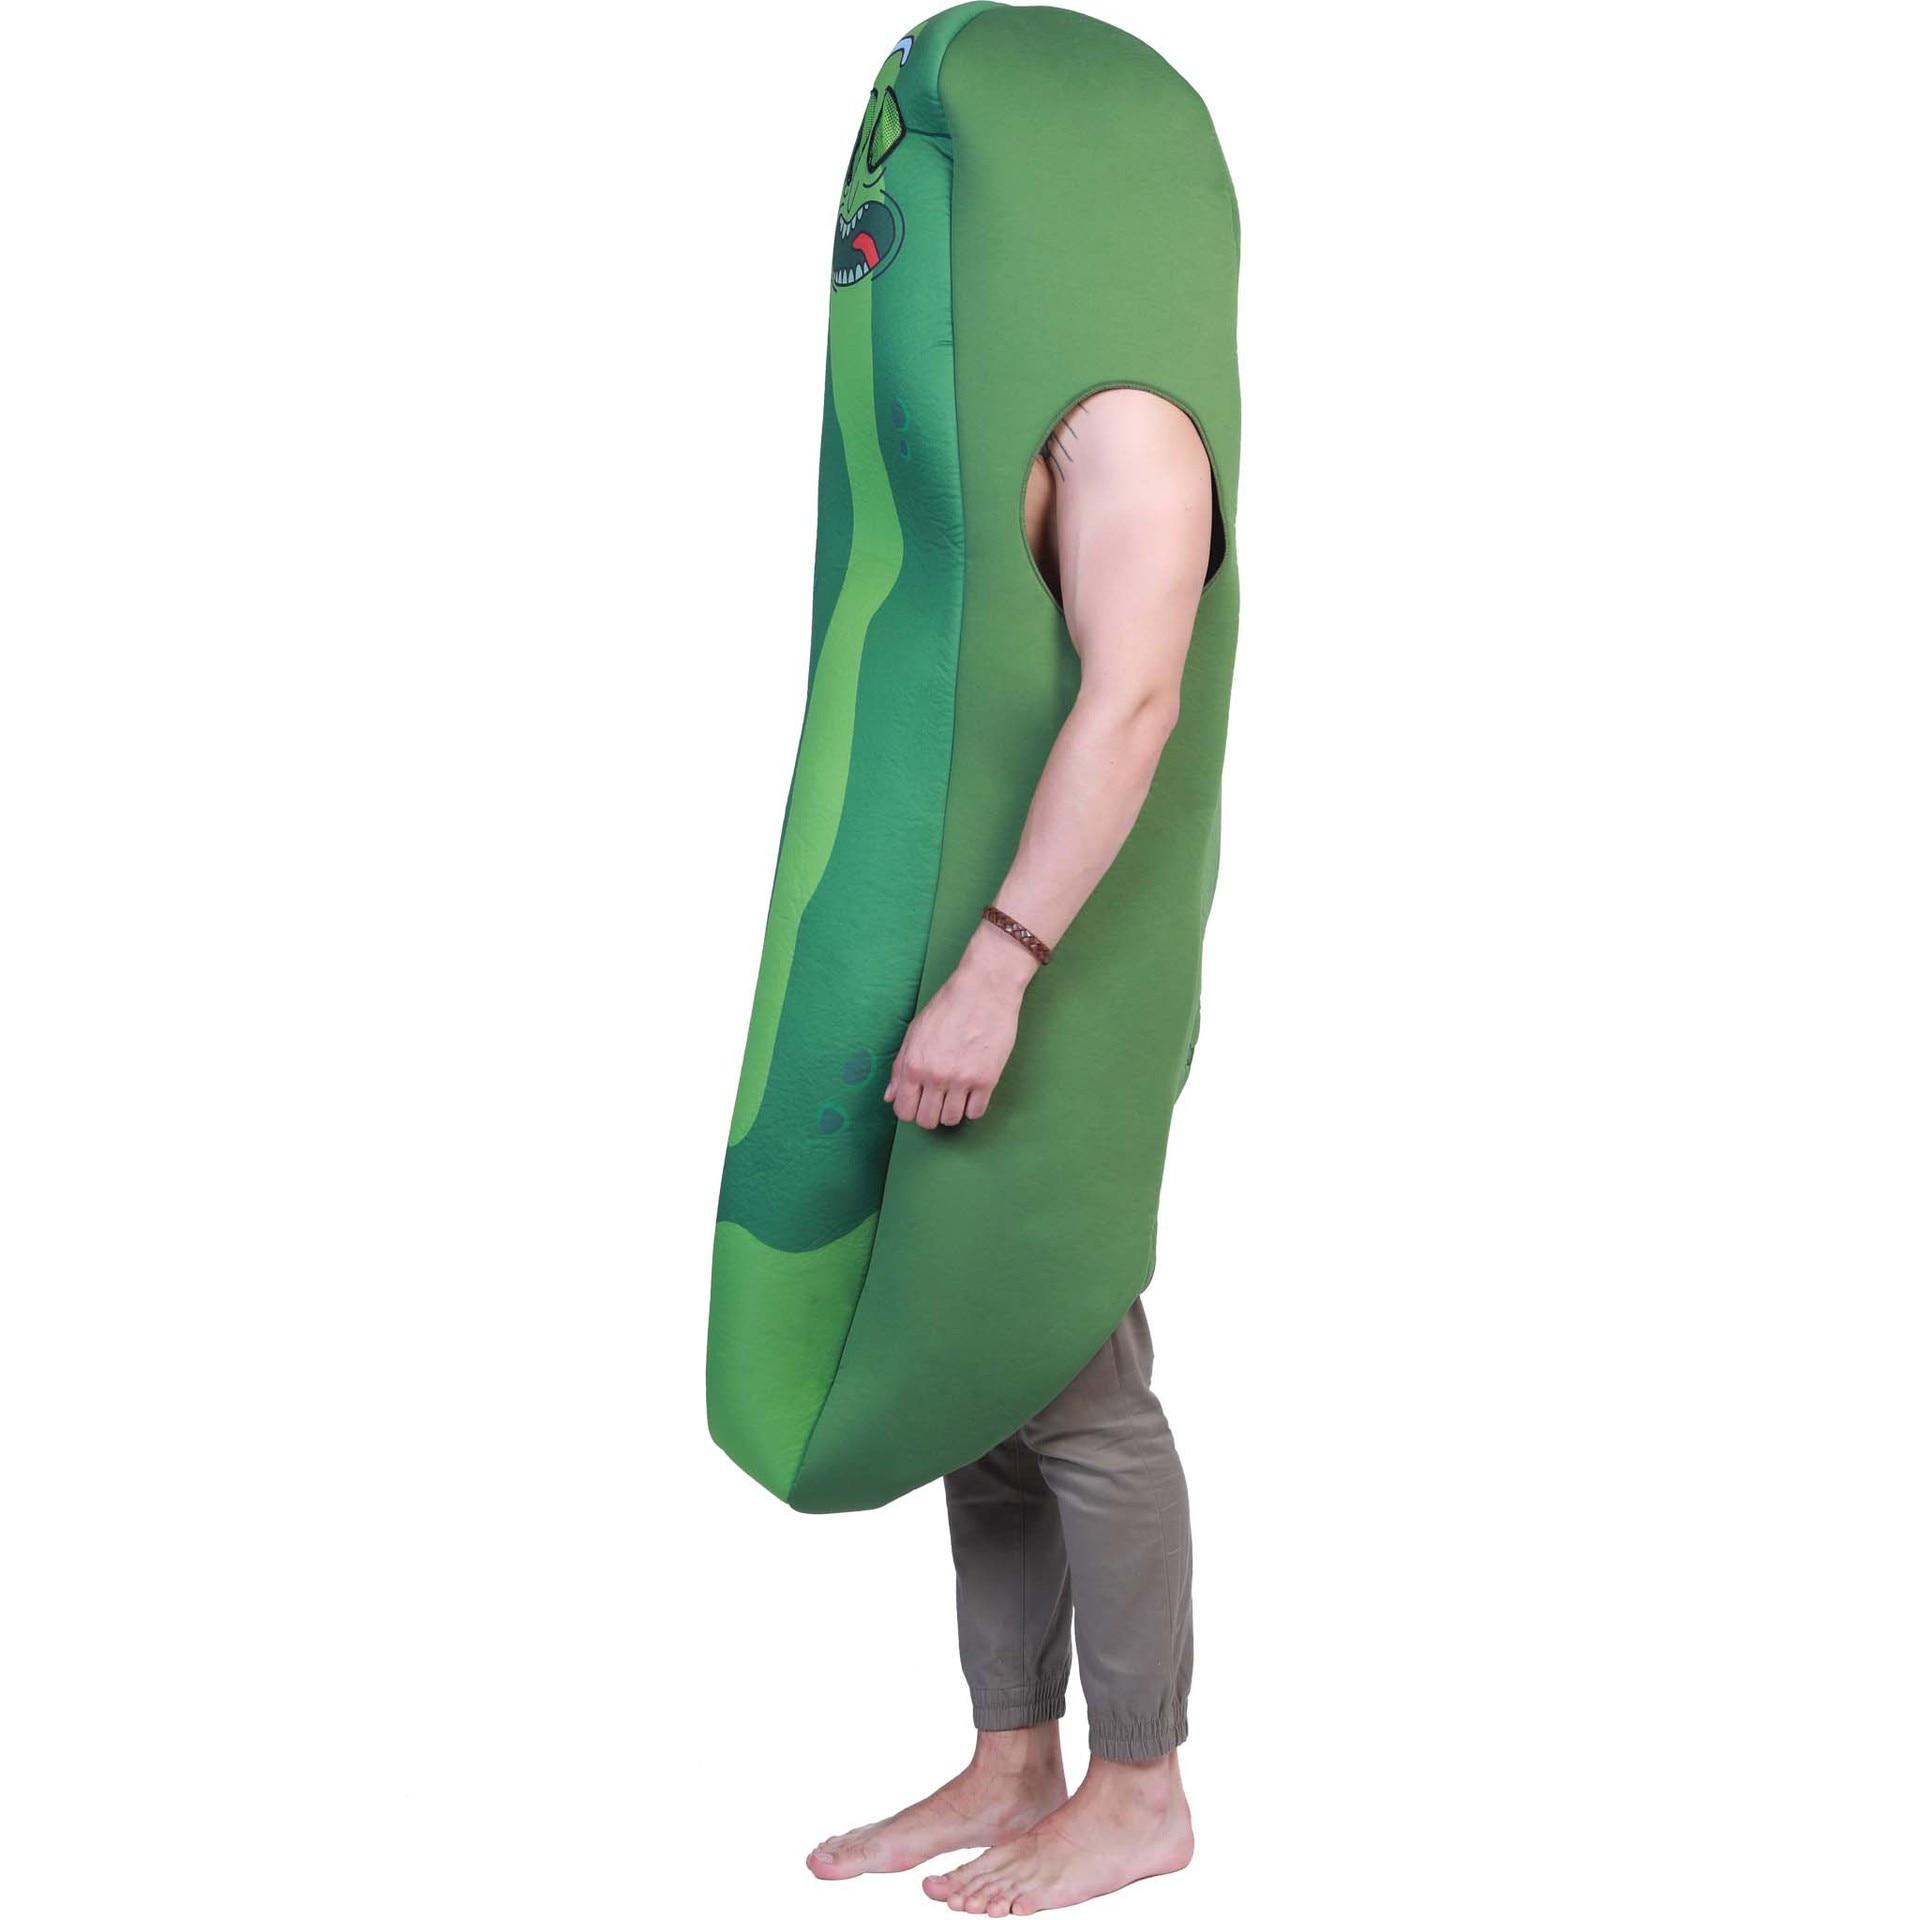 Costumes d'halloween pour hommes adulte Rick et Morty cornichon Rick mousse Costume pour hommes concombre vert Cosplay nourriture dessin animé Costume